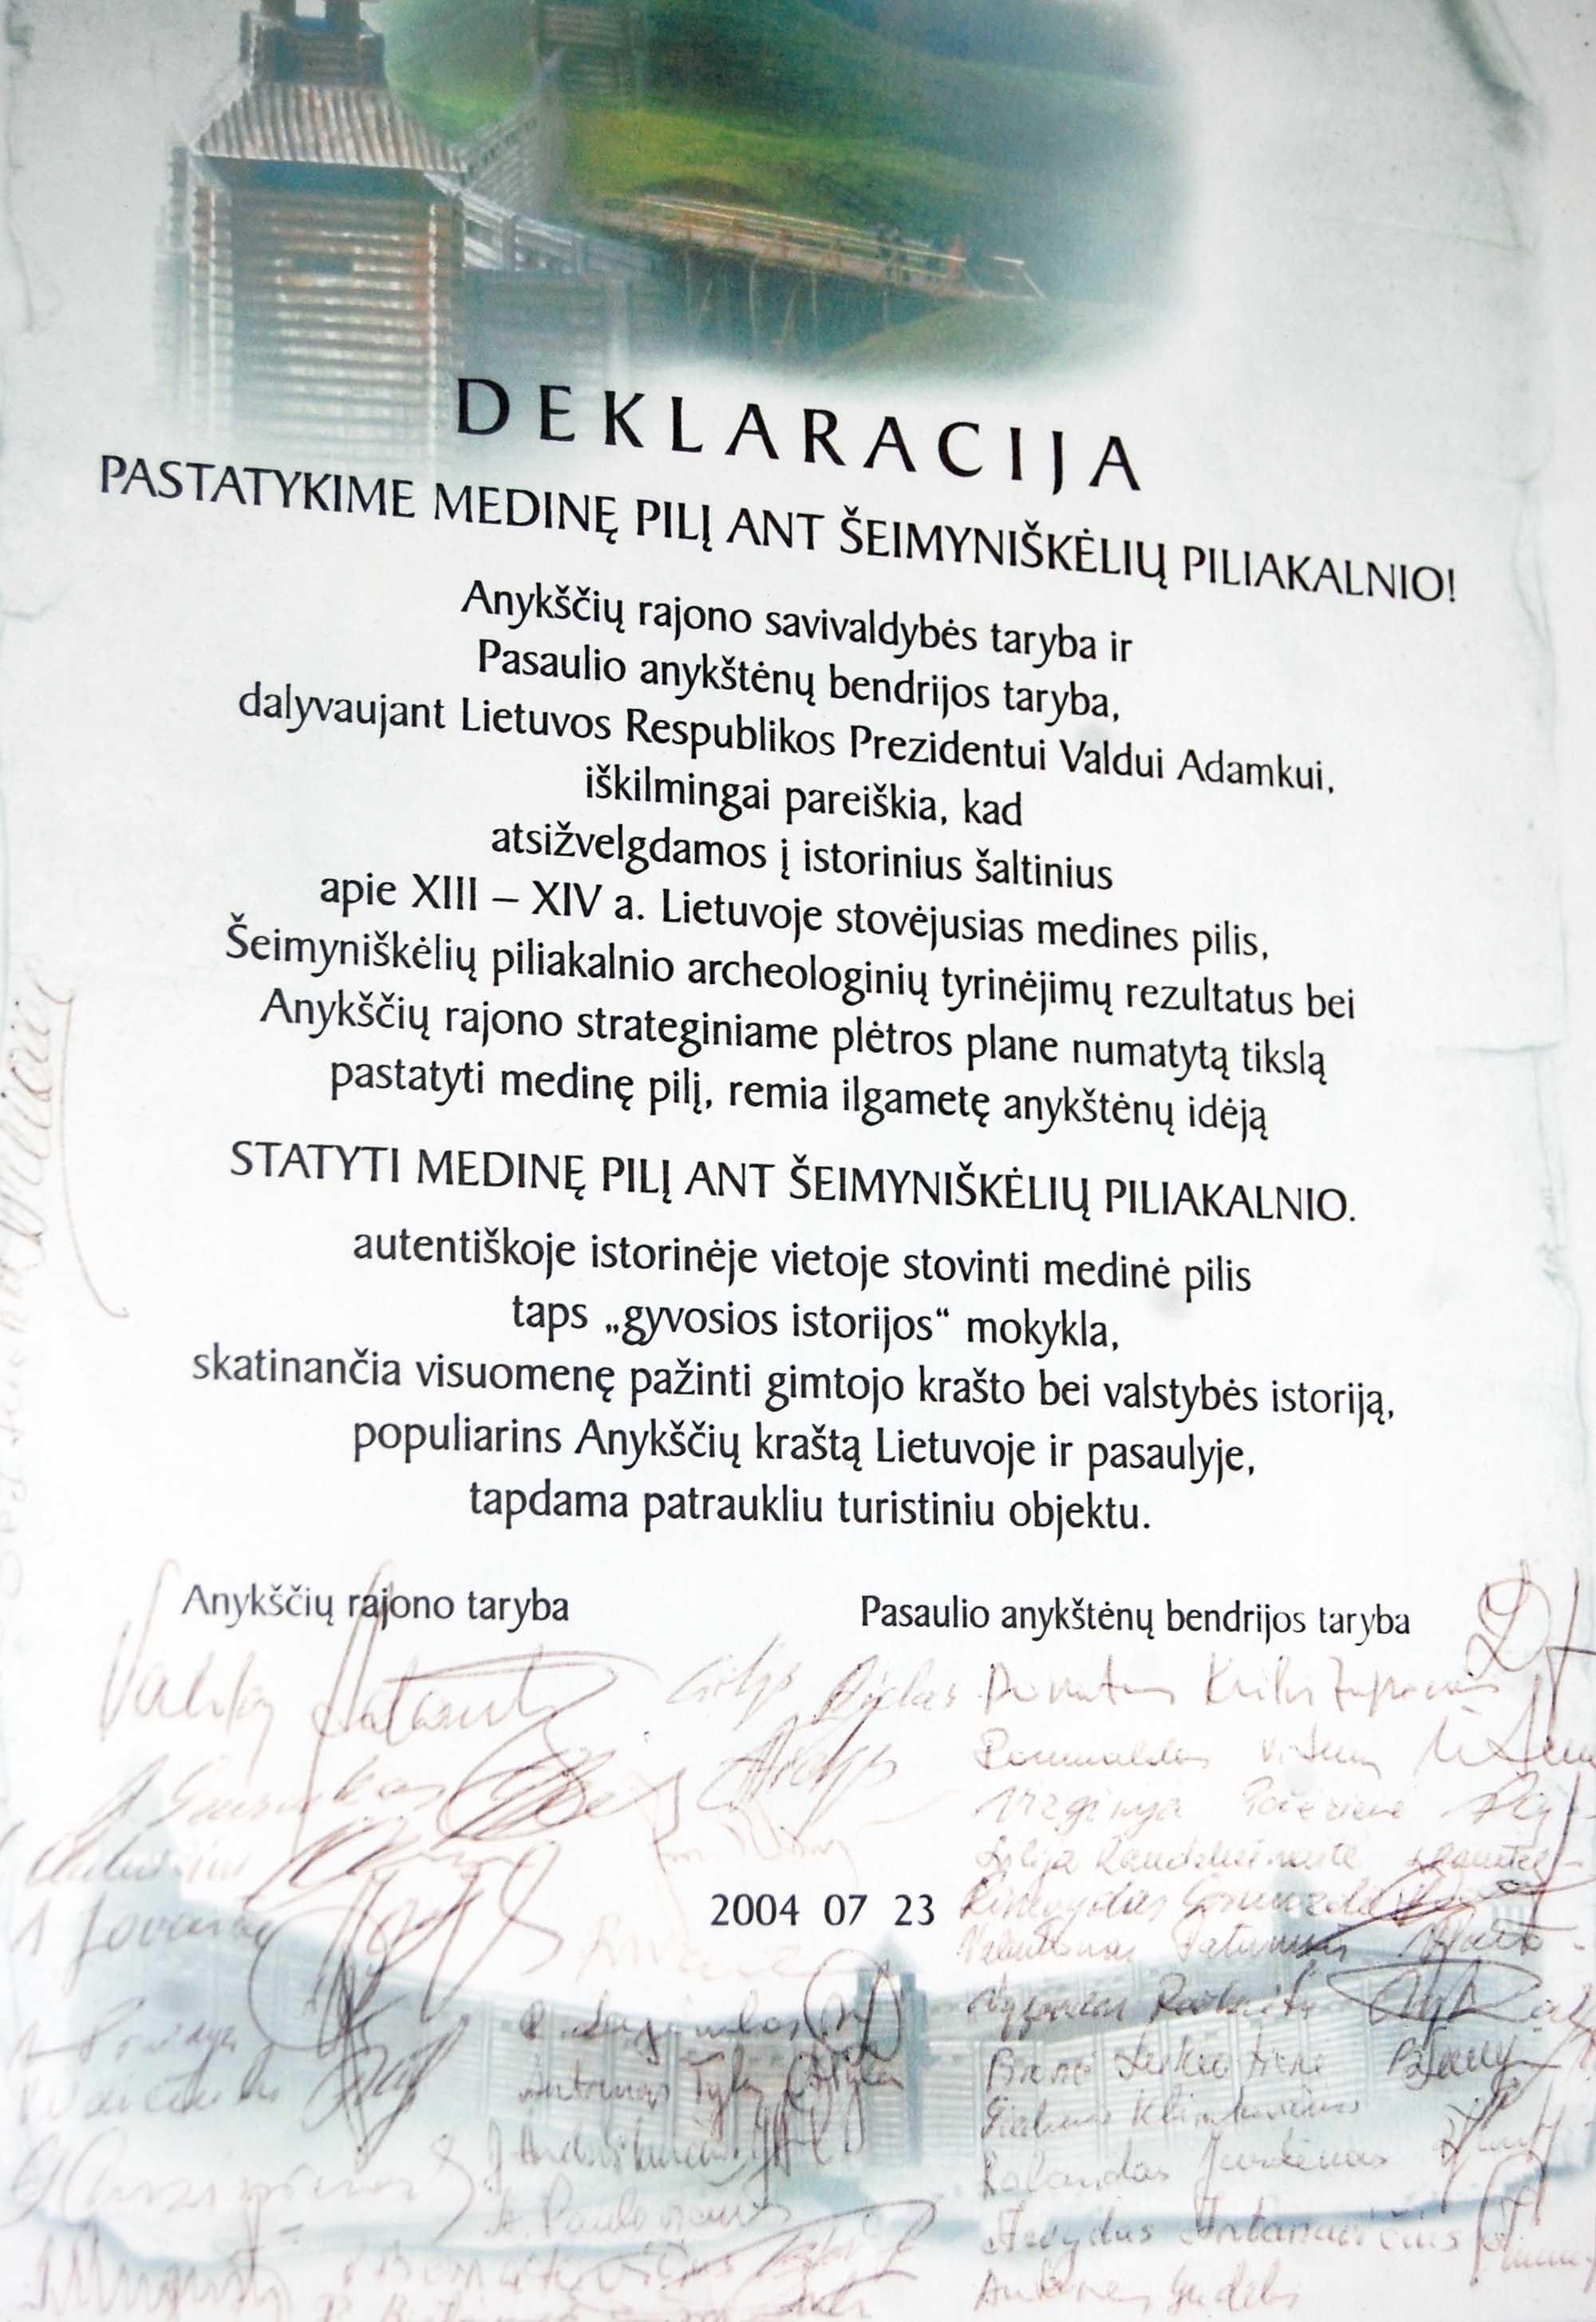 Vorutos pilies atstatymo deklaracija   Anyksciai.lt nuotr.